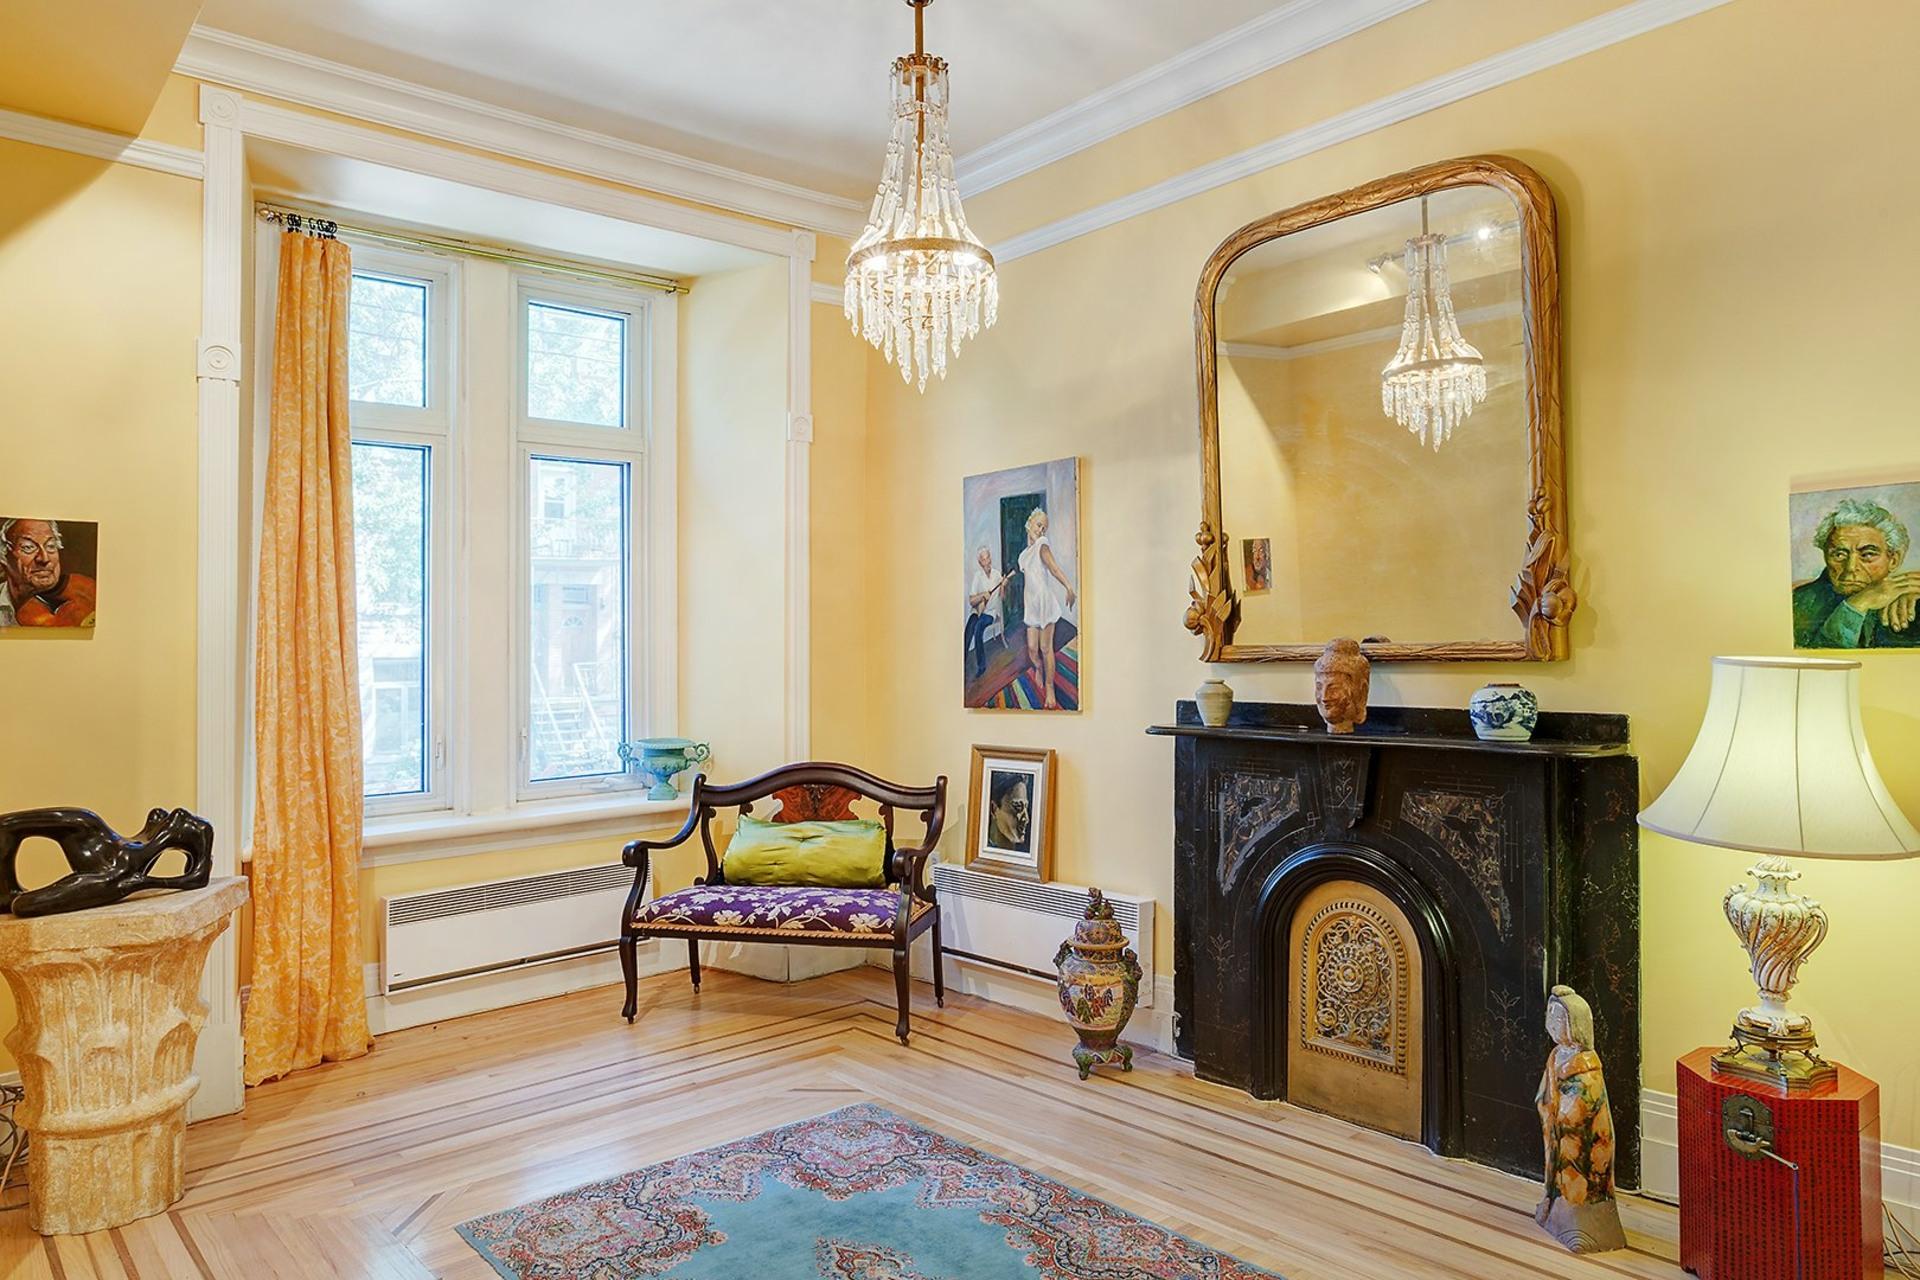 image 4 - Maison À vendre Le Plateau-Mont-Royal Montréal  - 14 pièces